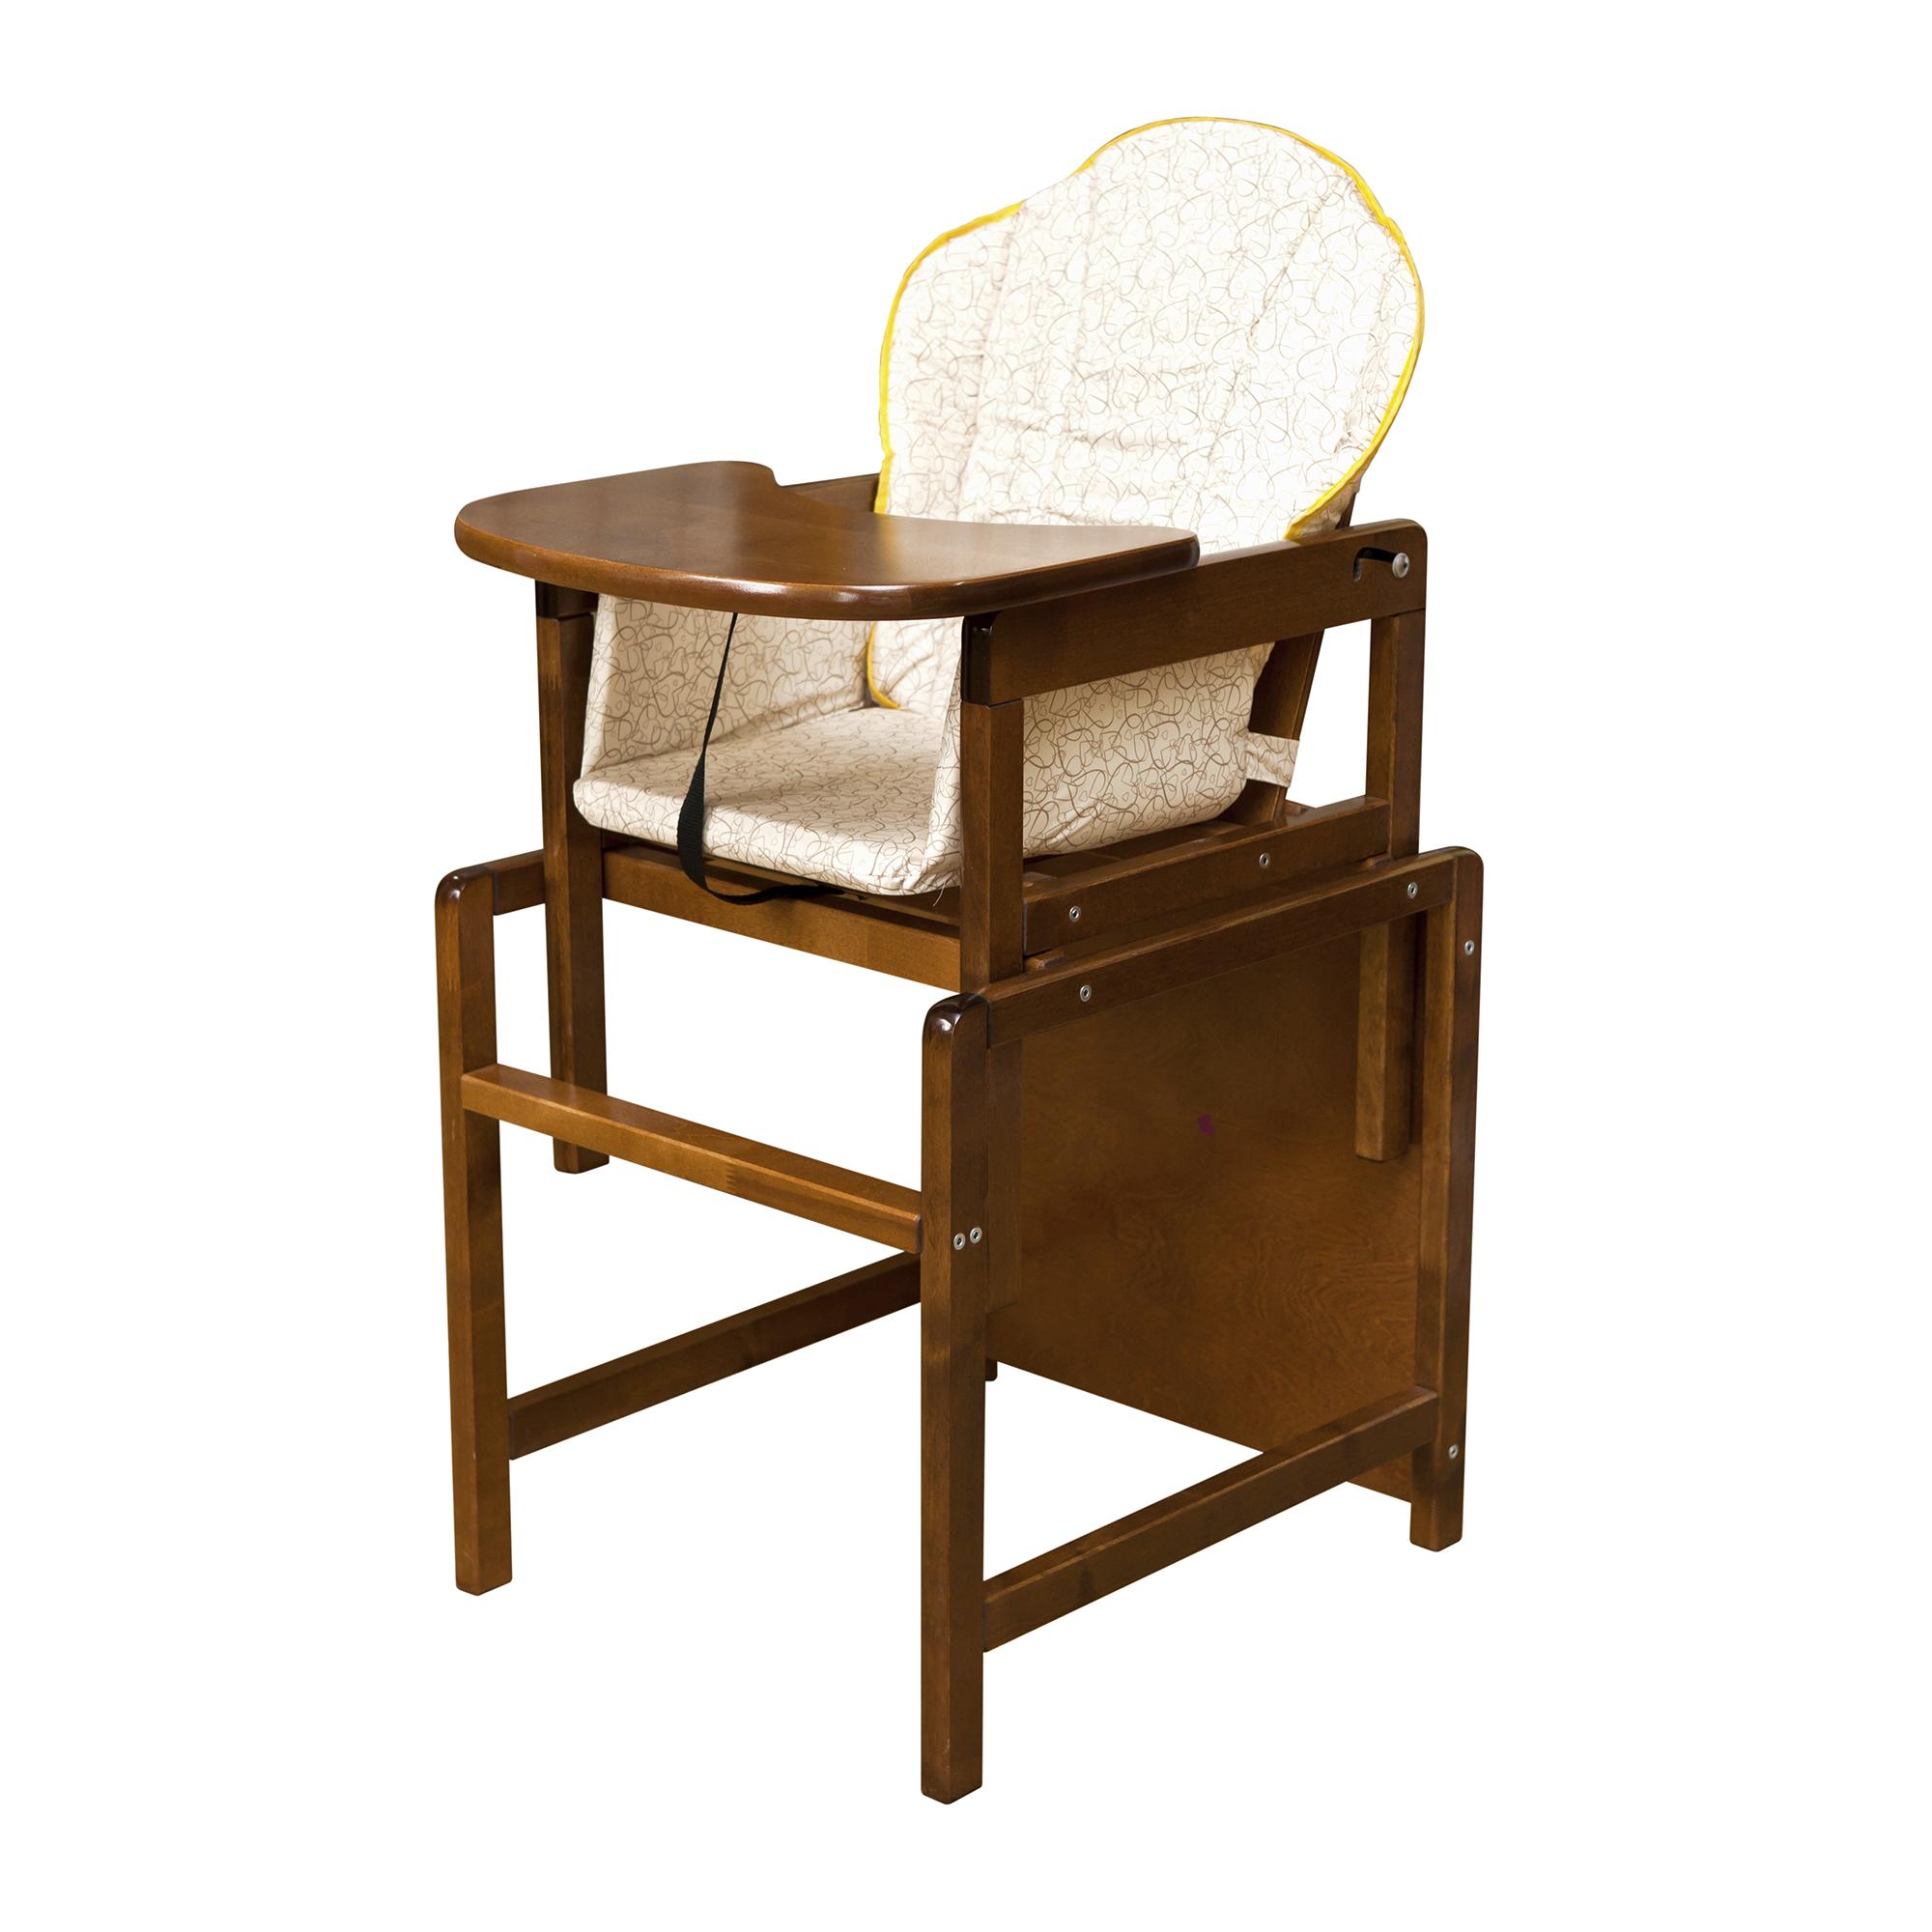 Стульчики для кормления Можга Детский гарнитур С367 стульчики для кормления russia гном